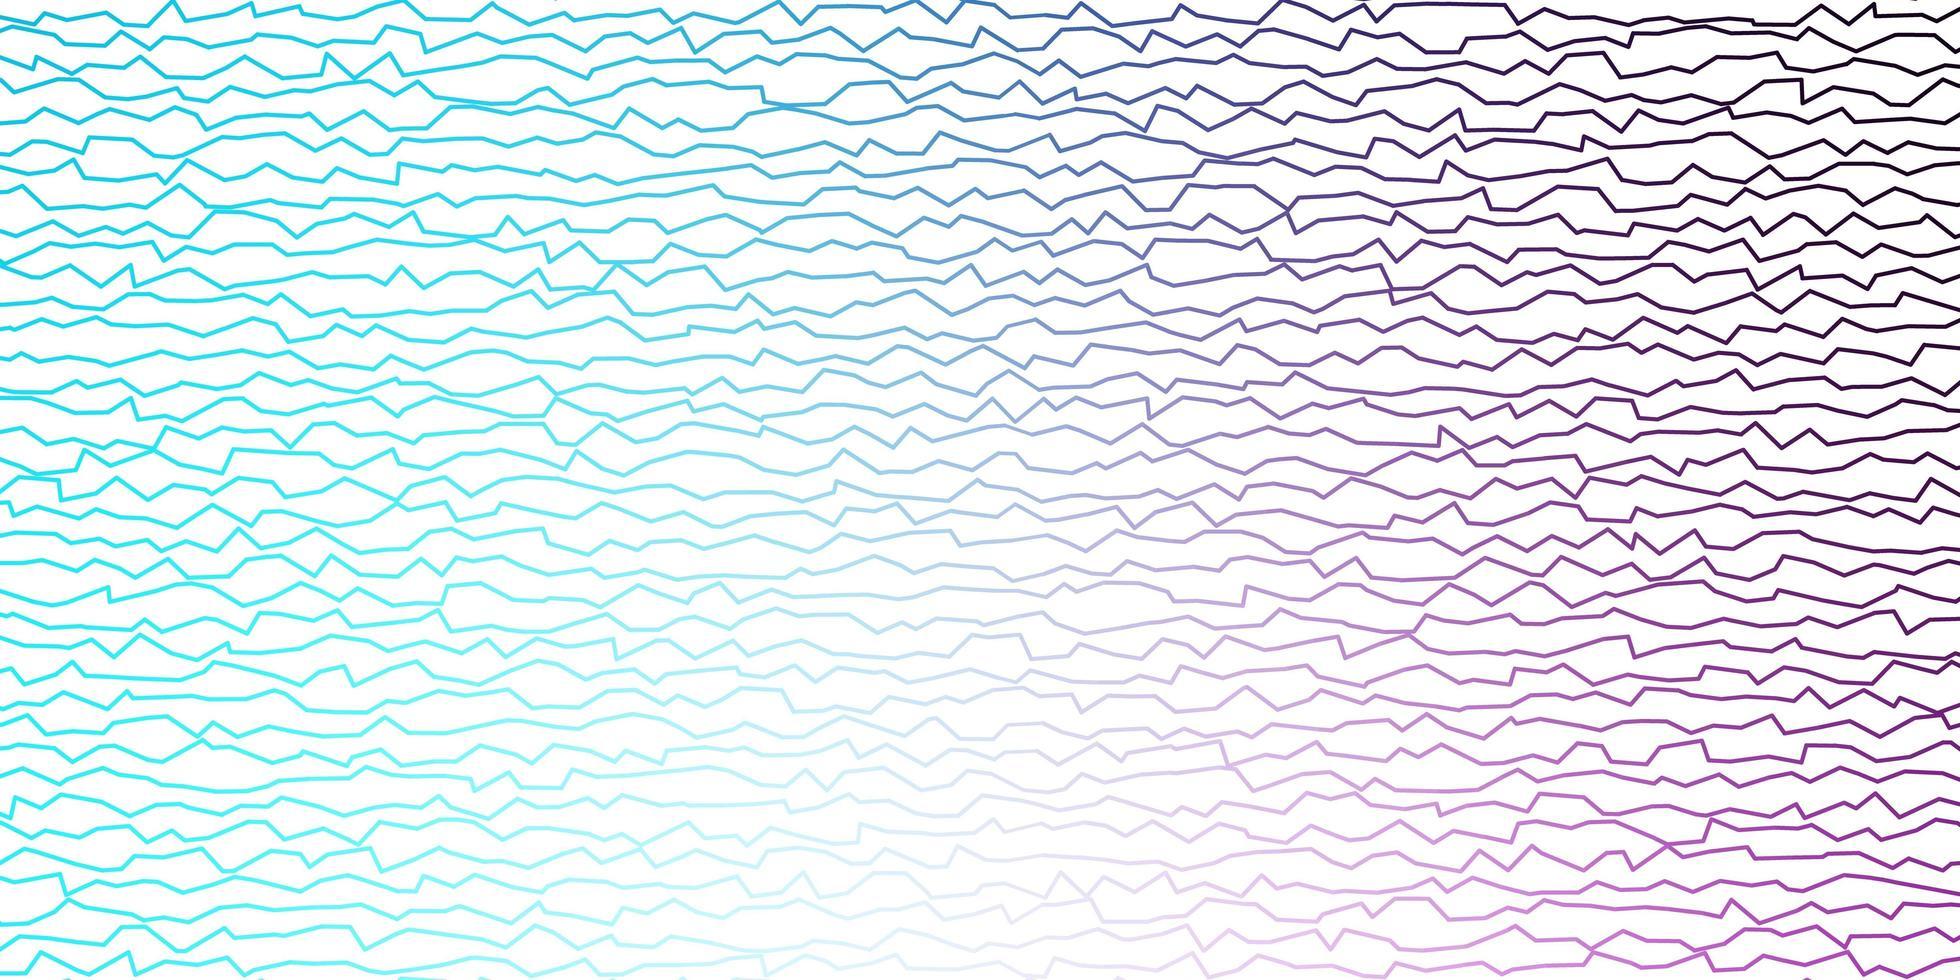 disposition de vecteur rose foncé, bleu avec des lignes ironiques